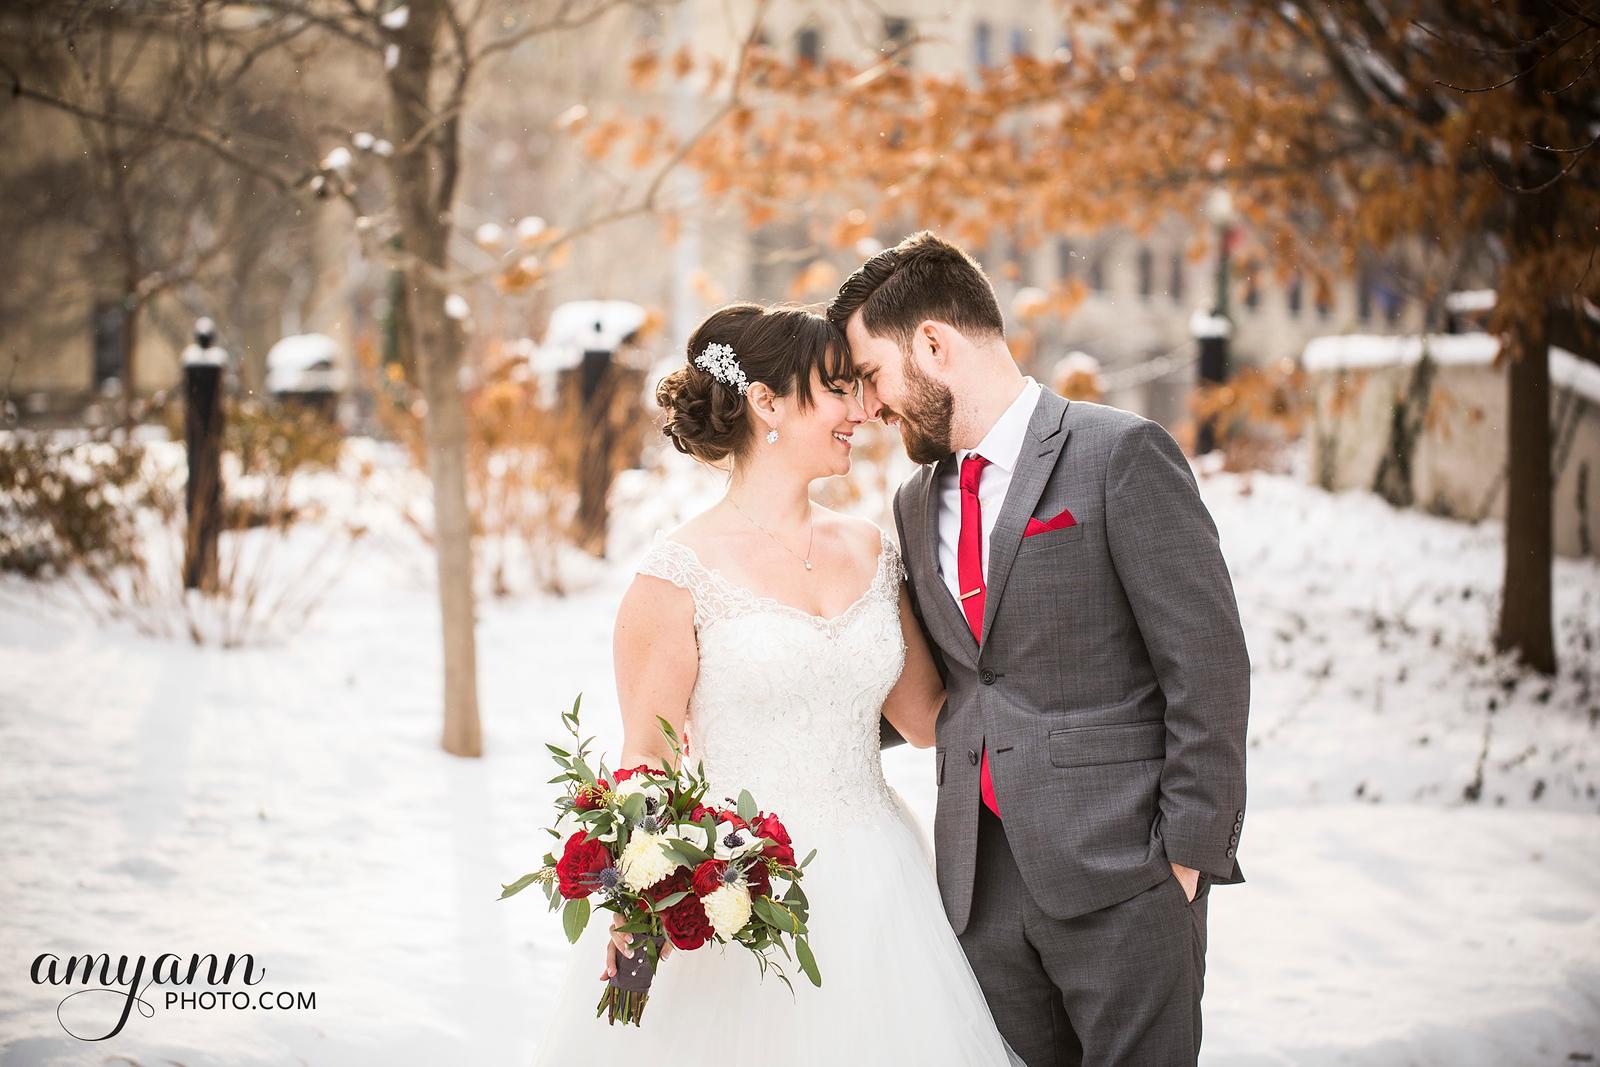 hayleebrenden_weddingblog051